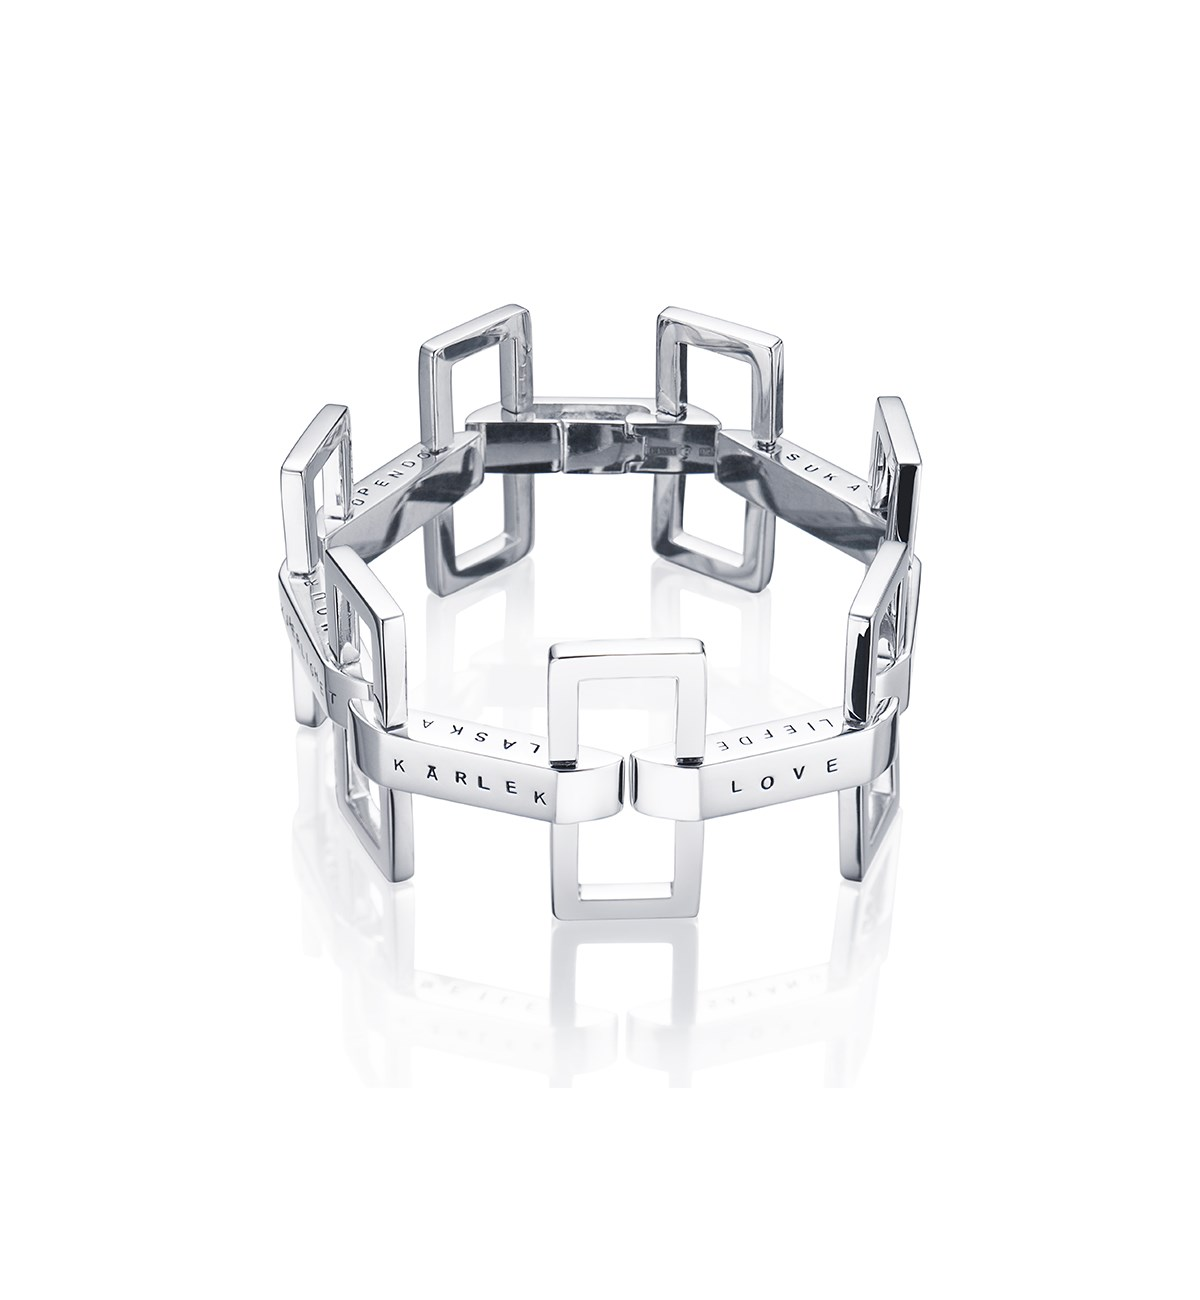 Ultimate Love Bracelet